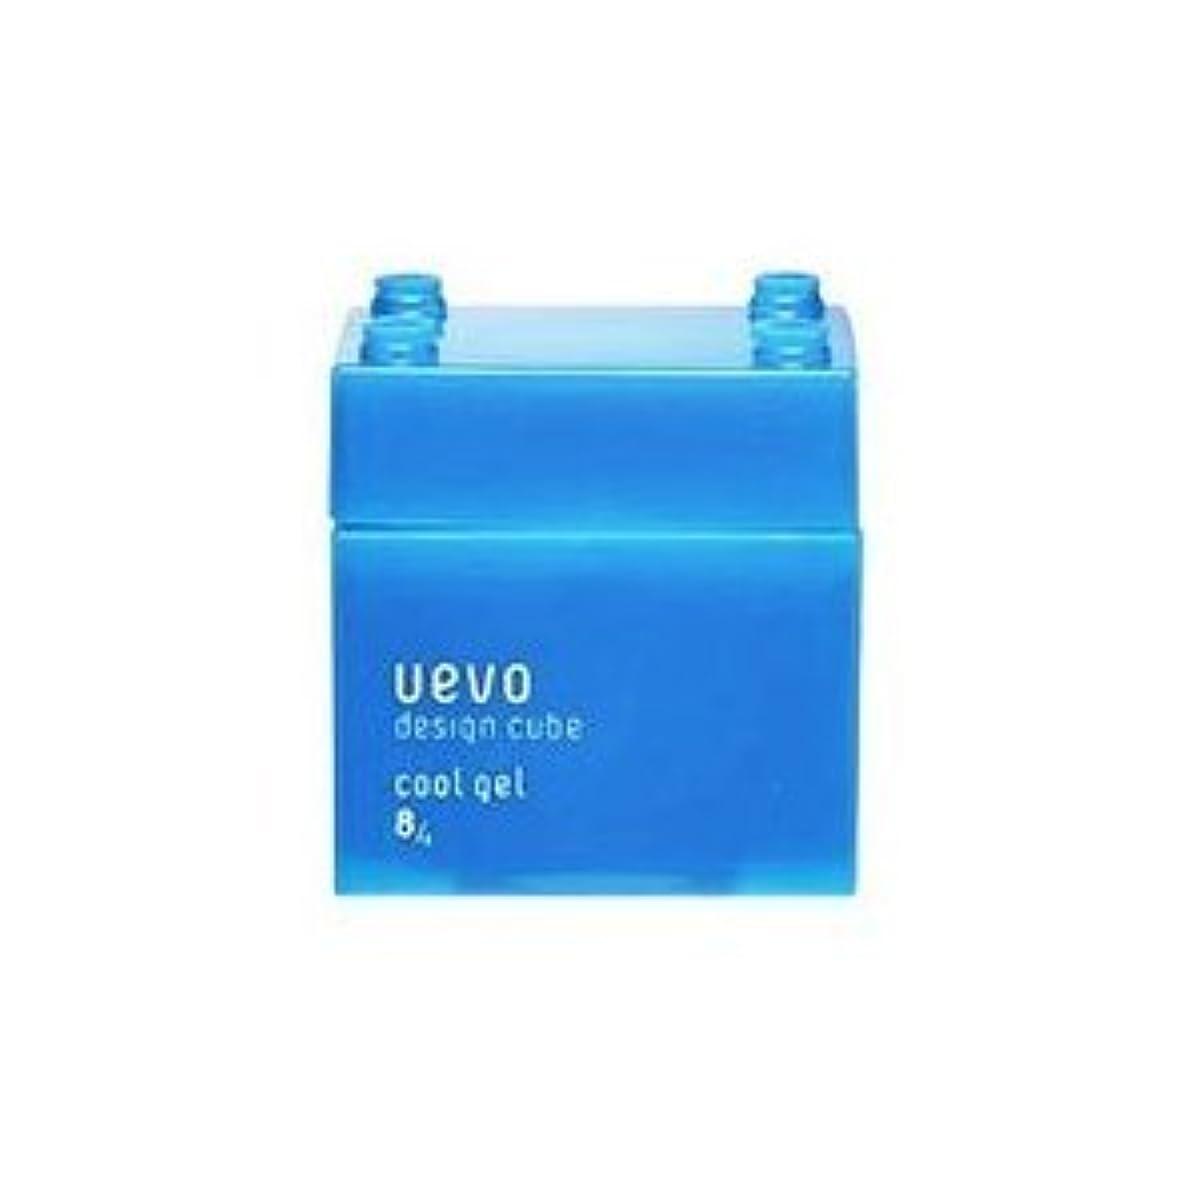 進化する起きて市の花【X3個セット】 デミ ウェーボ デザインキューブ クールジェル 80g cool gel DEMI uevo design cube